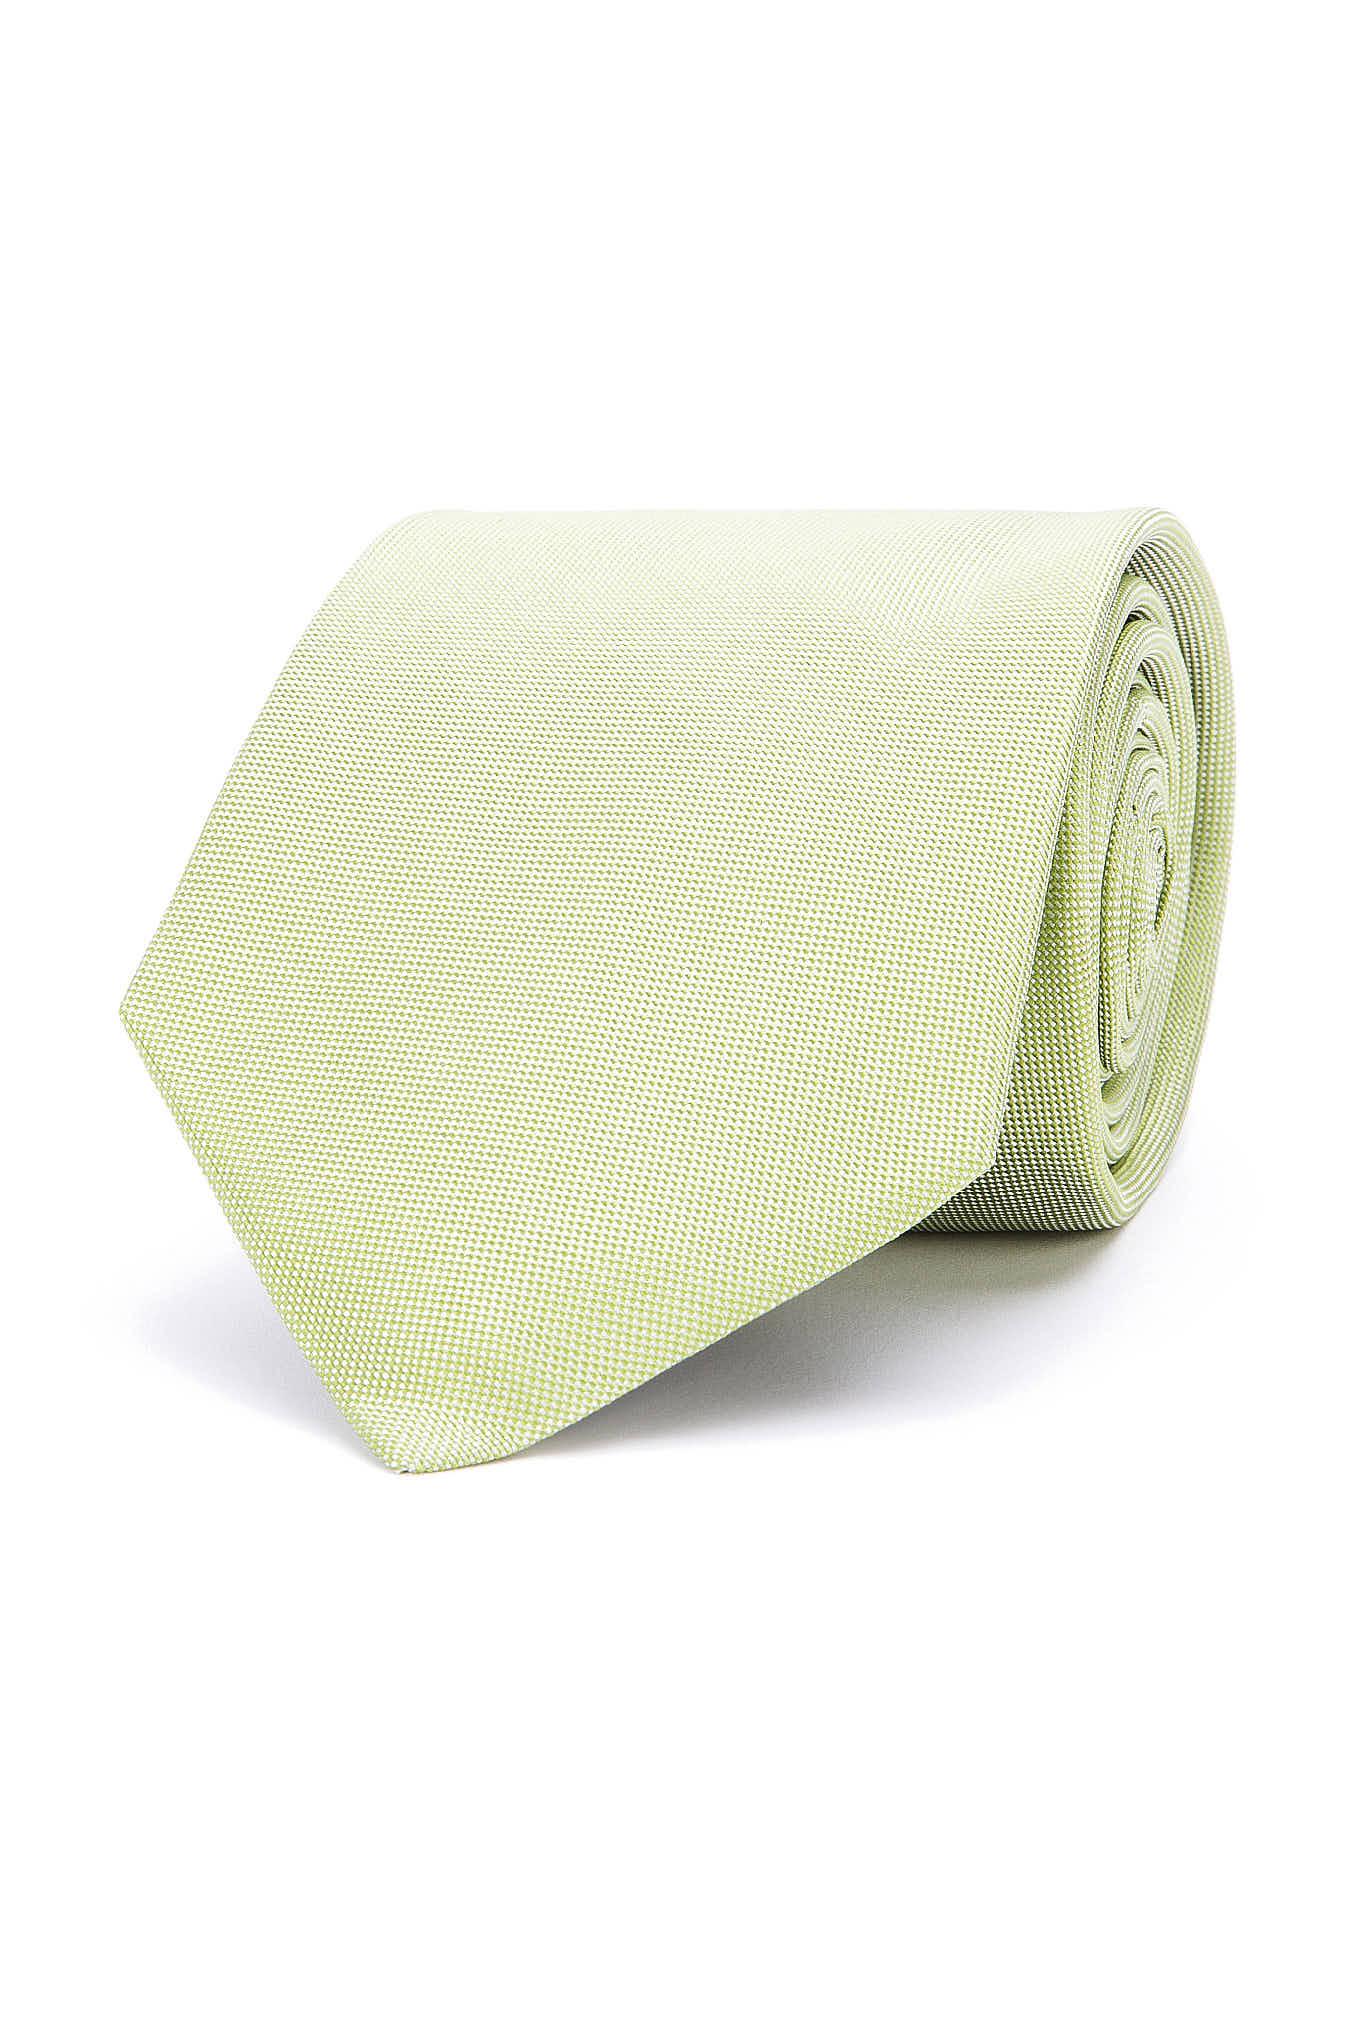 Gravata Verde Claro Classic Homem